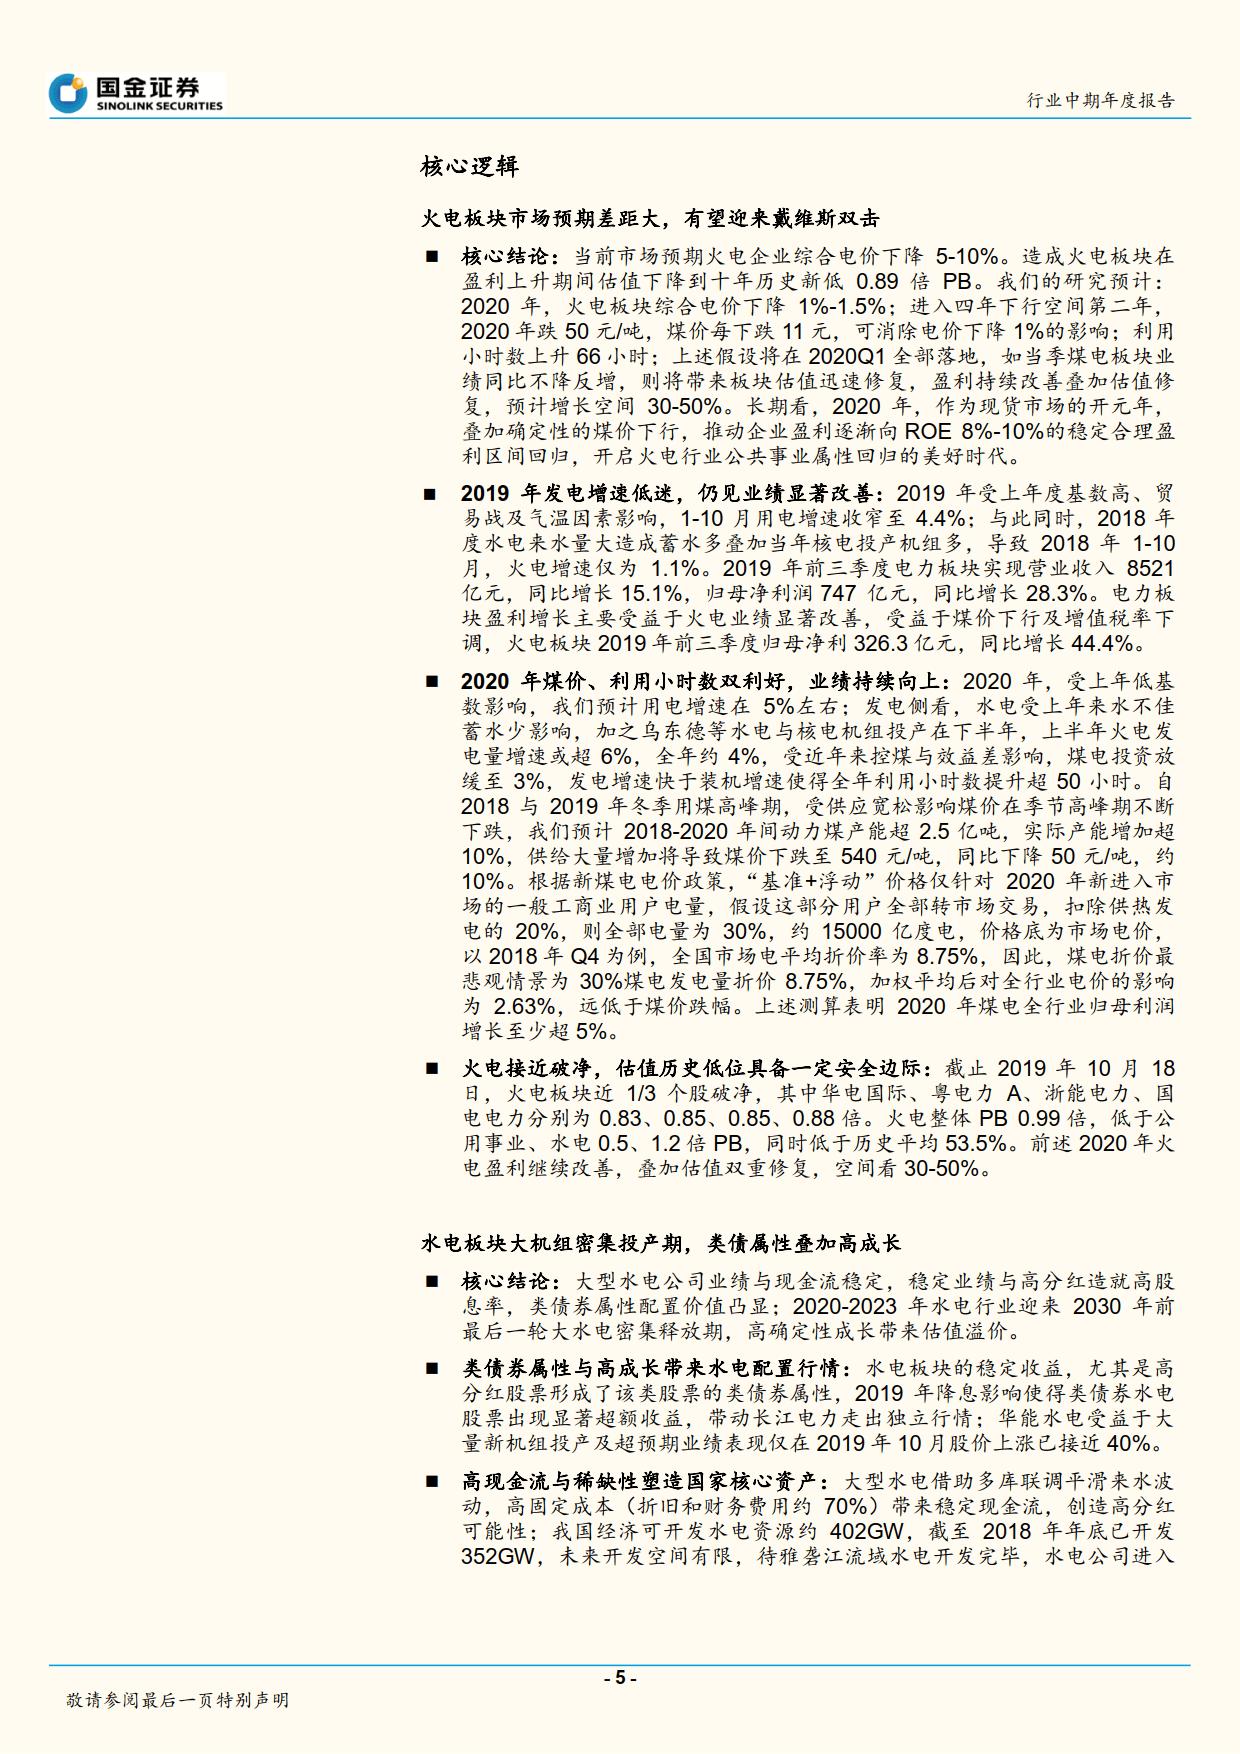 H3_AP201912031371476310_1_33.png